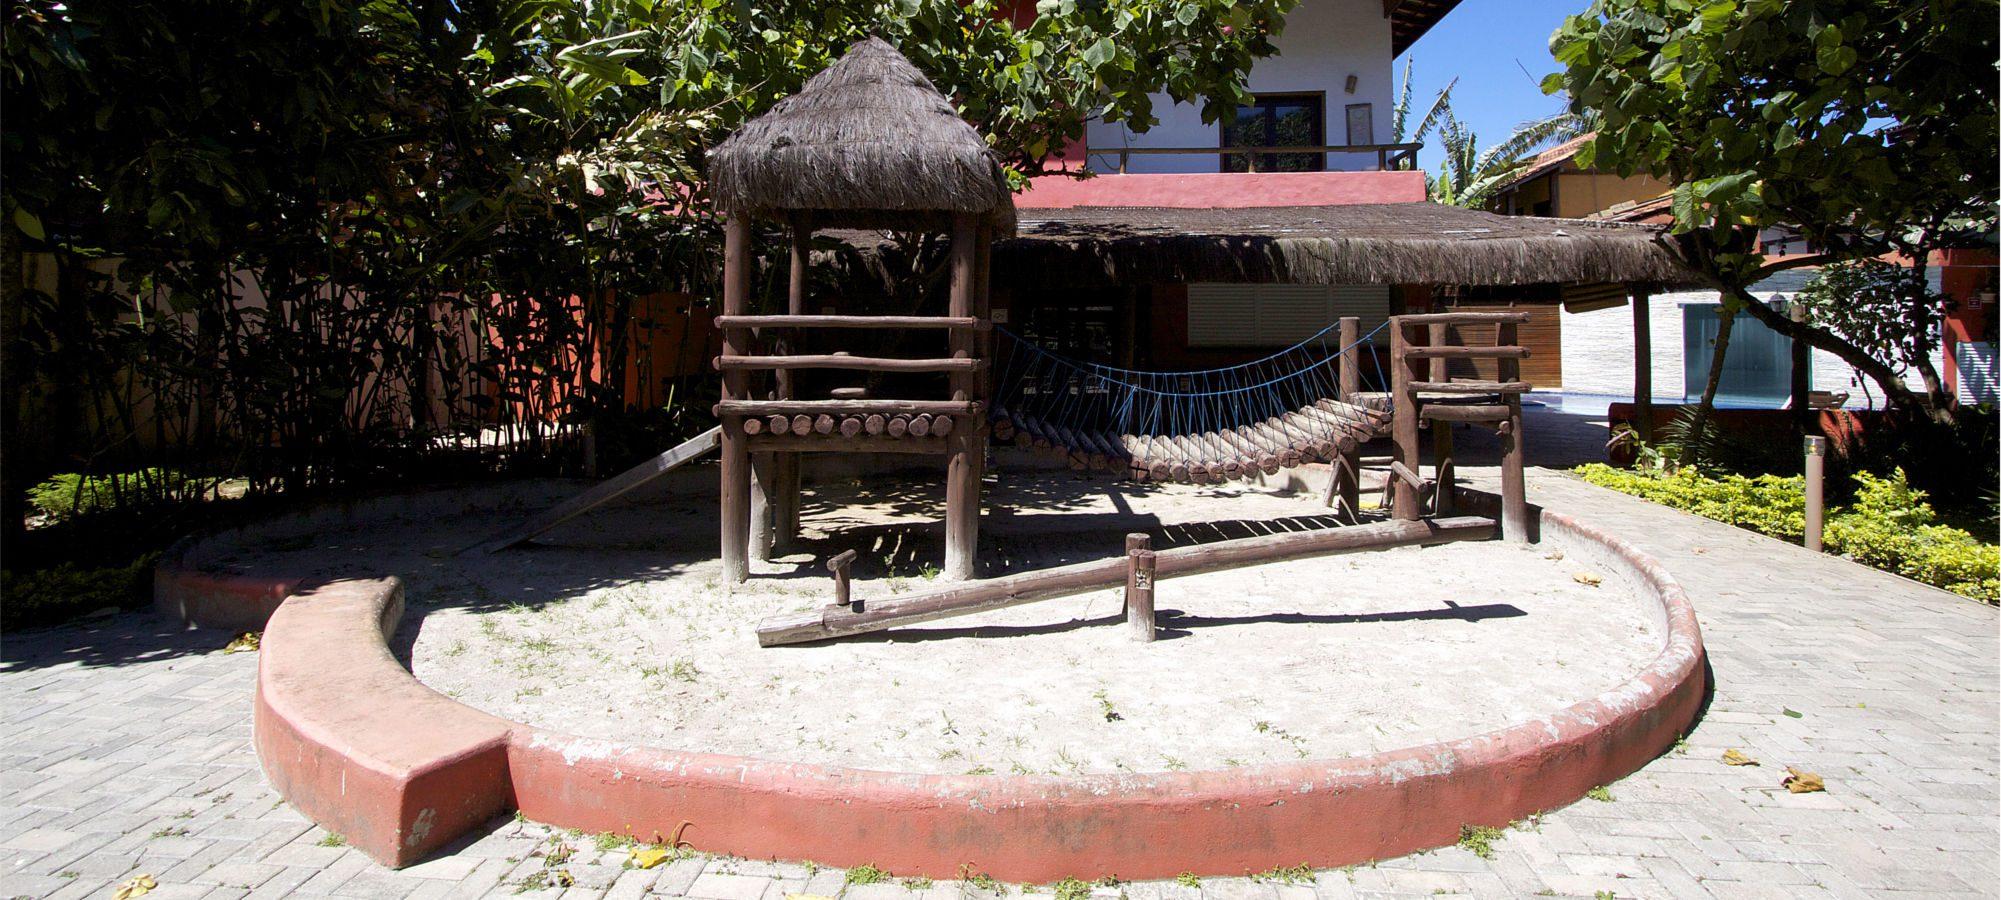 Playground Pousada Porto Mare - Maresias